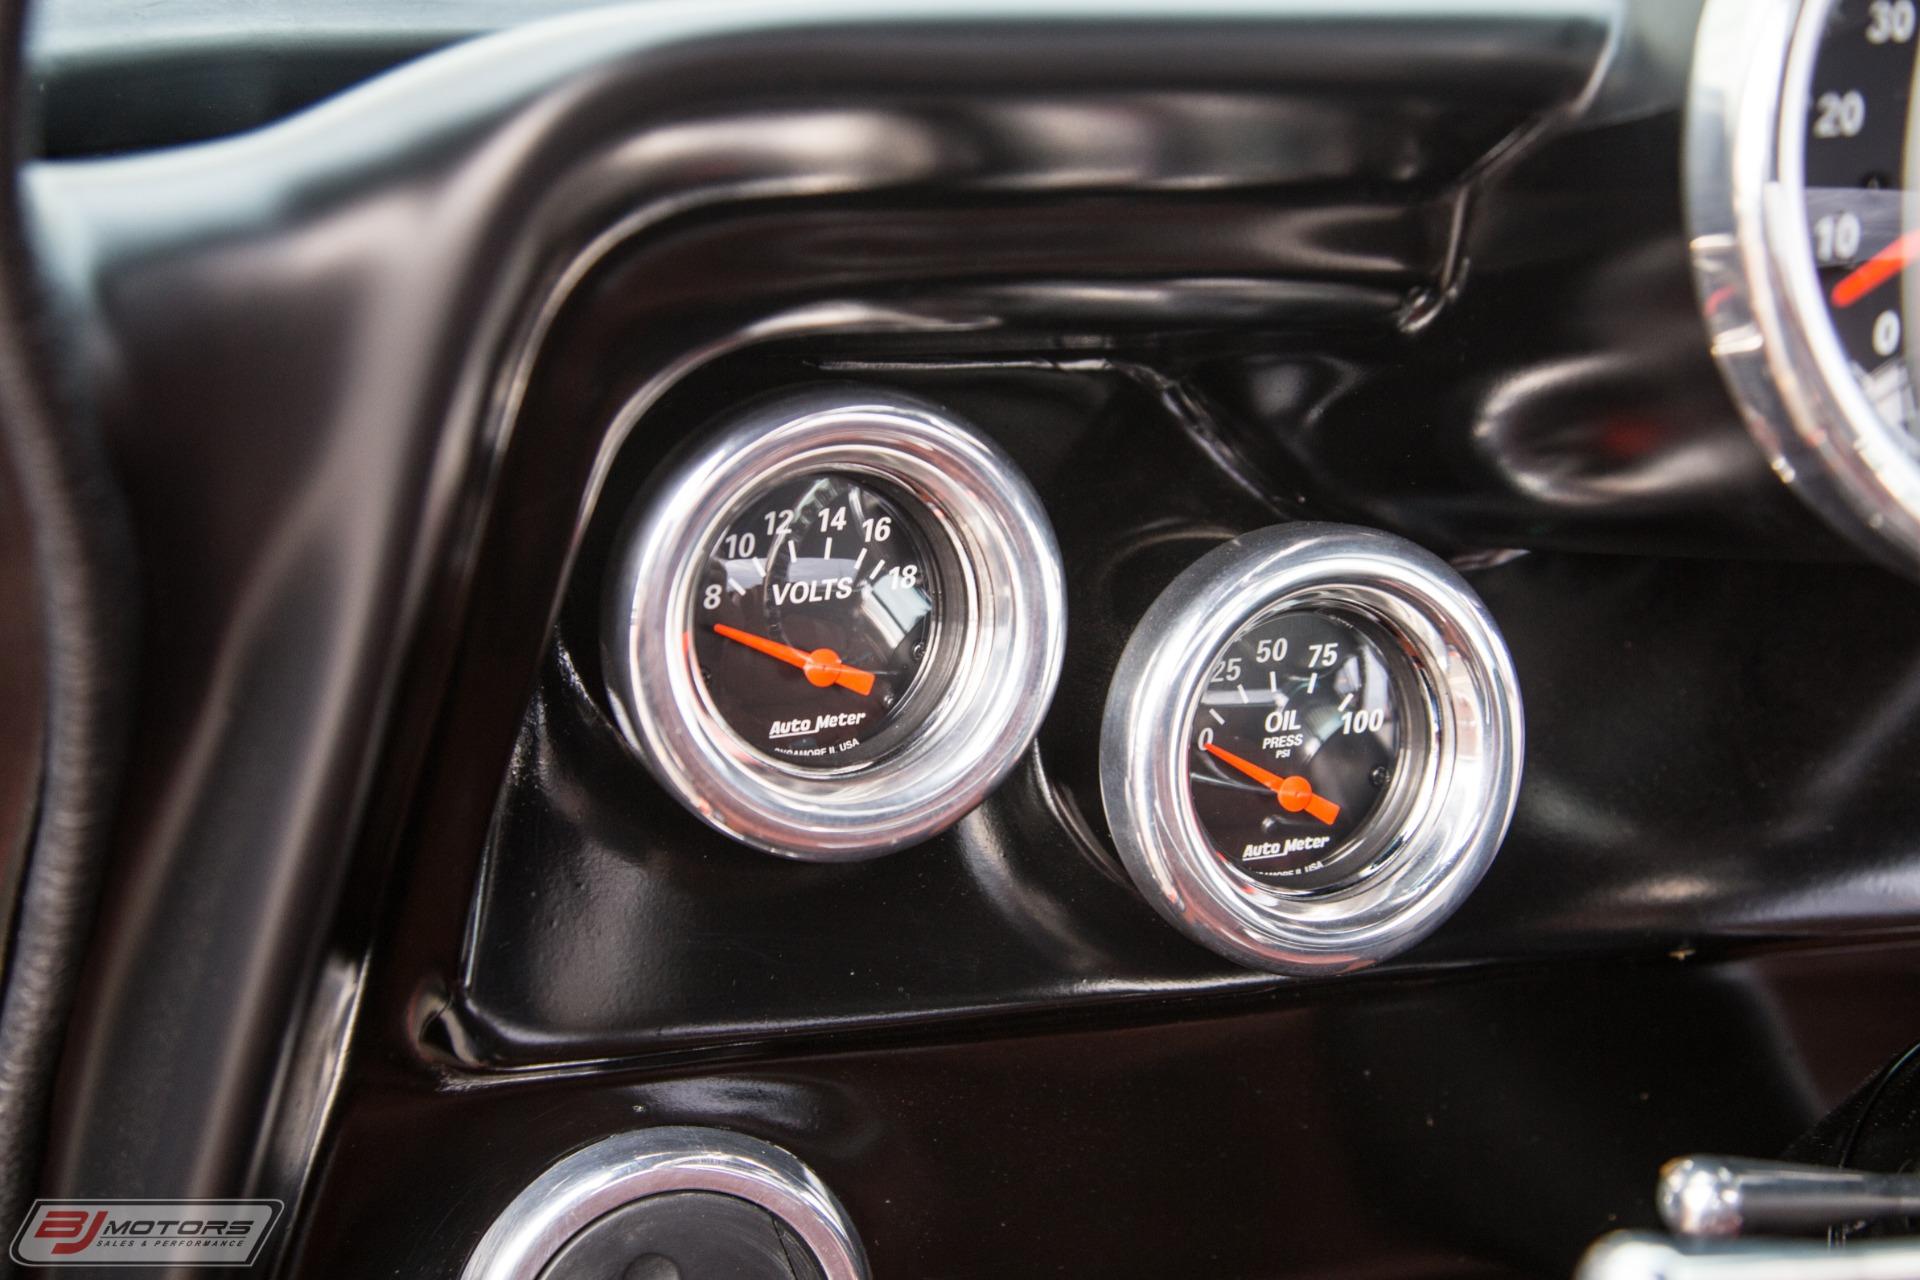 Used-1967-Chevrolet-Chevy-II-Nova-Resto-Mod